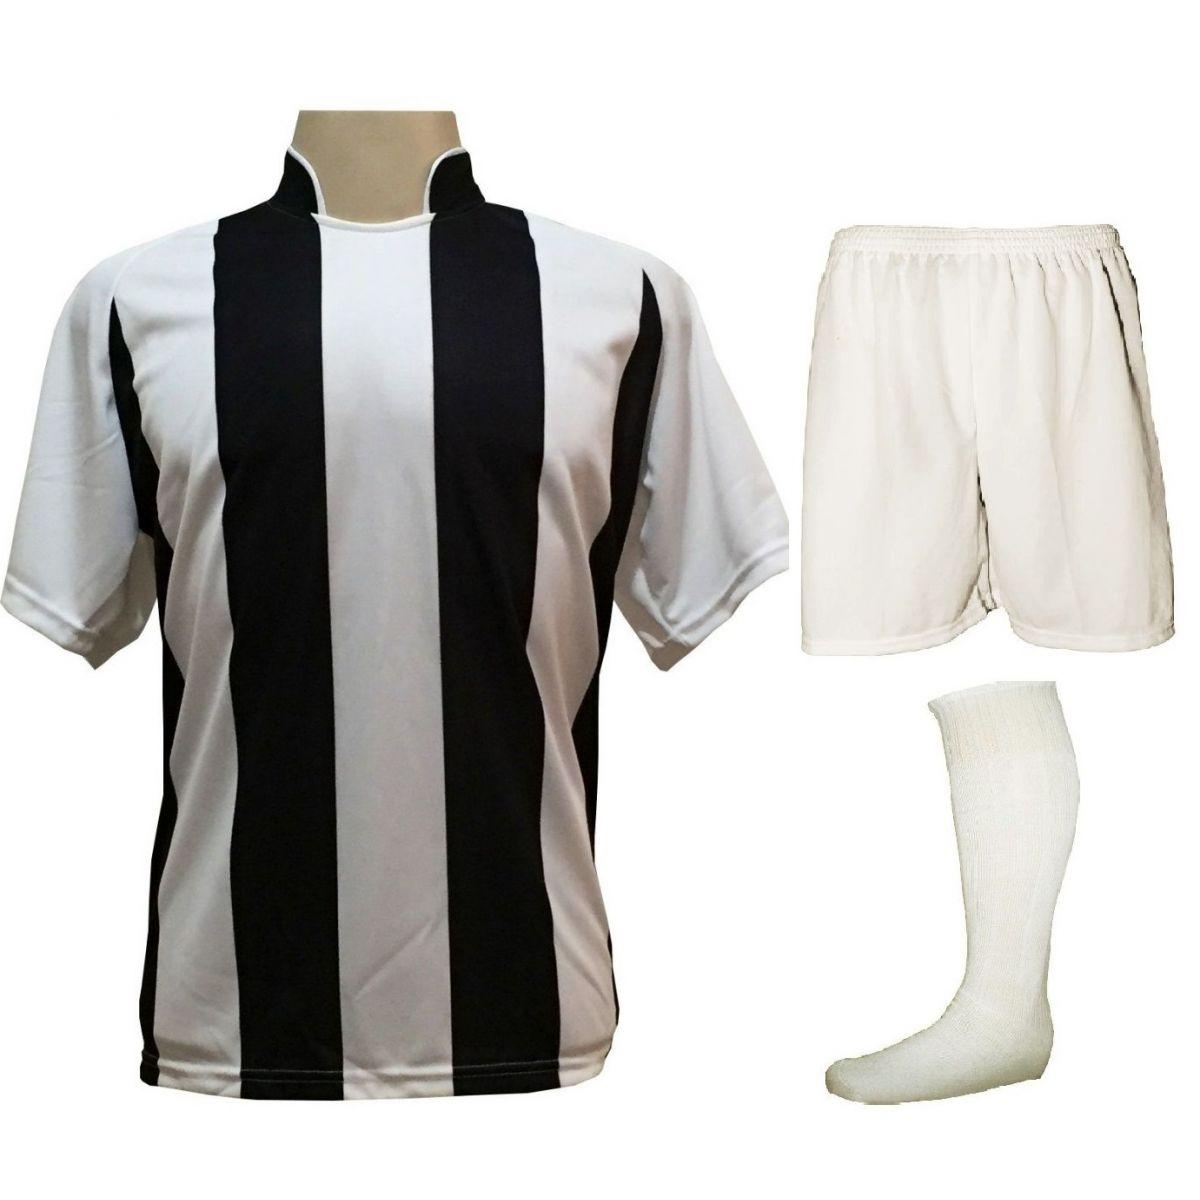 b046e9d53ed14 Uniforme Esportivo com 18 camisas modelo Milan Branco Preto + 18 calções  modelo Madrid Branco ...